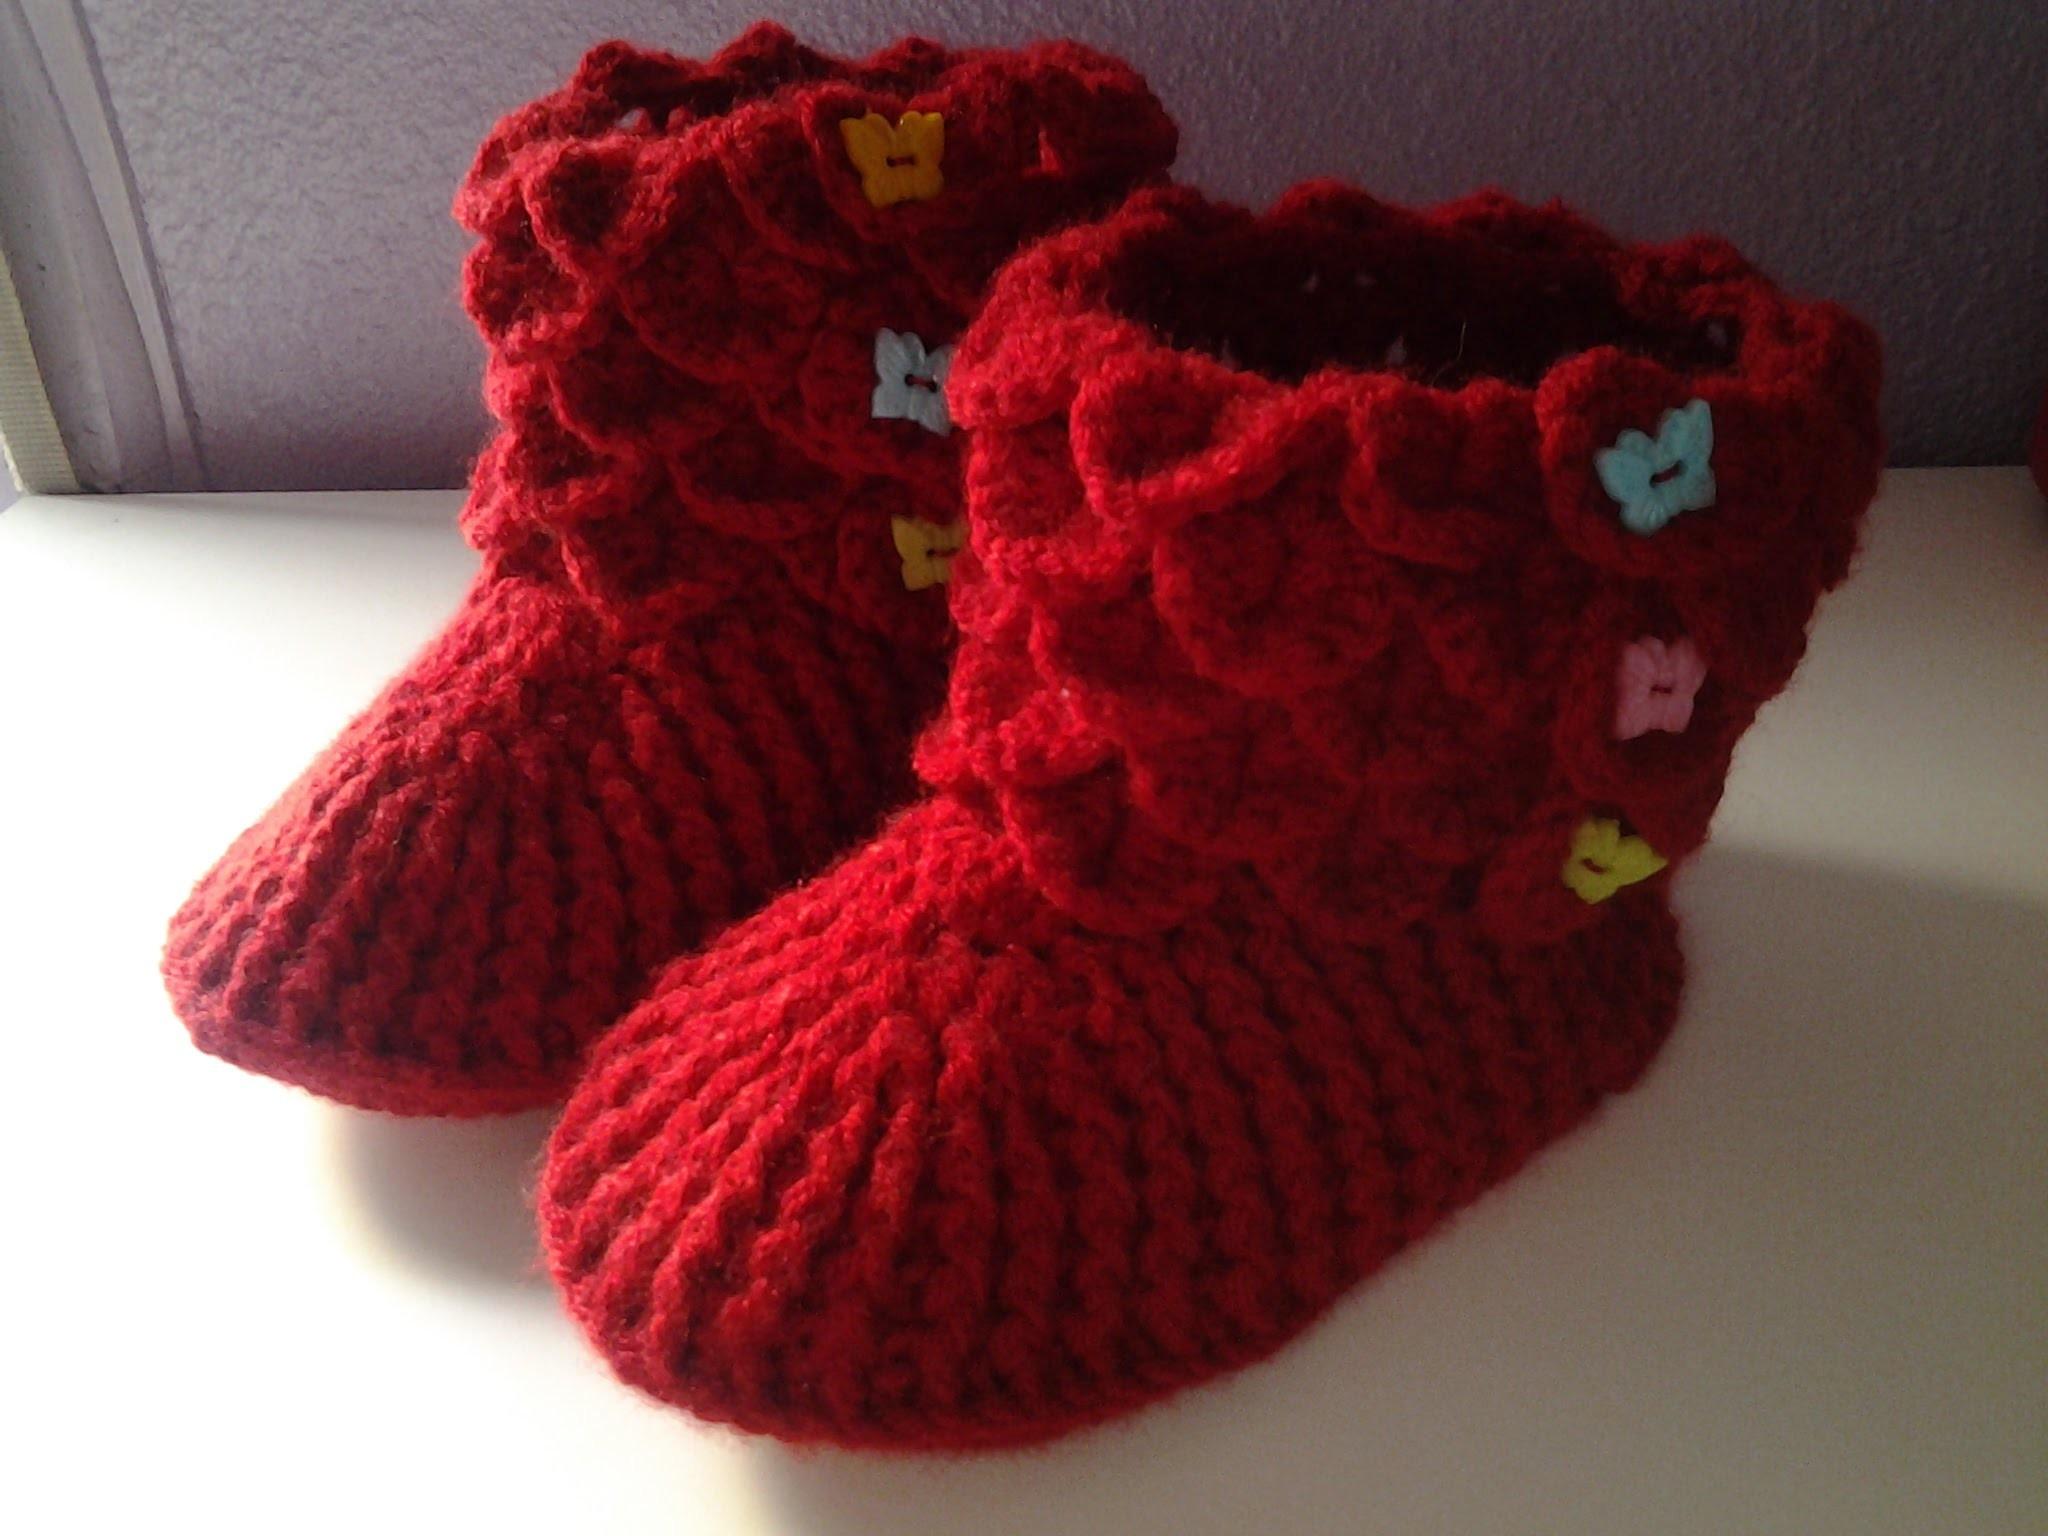 Botines cocodrilo  a crochet (ganchillo)  1 # tutorial DIY